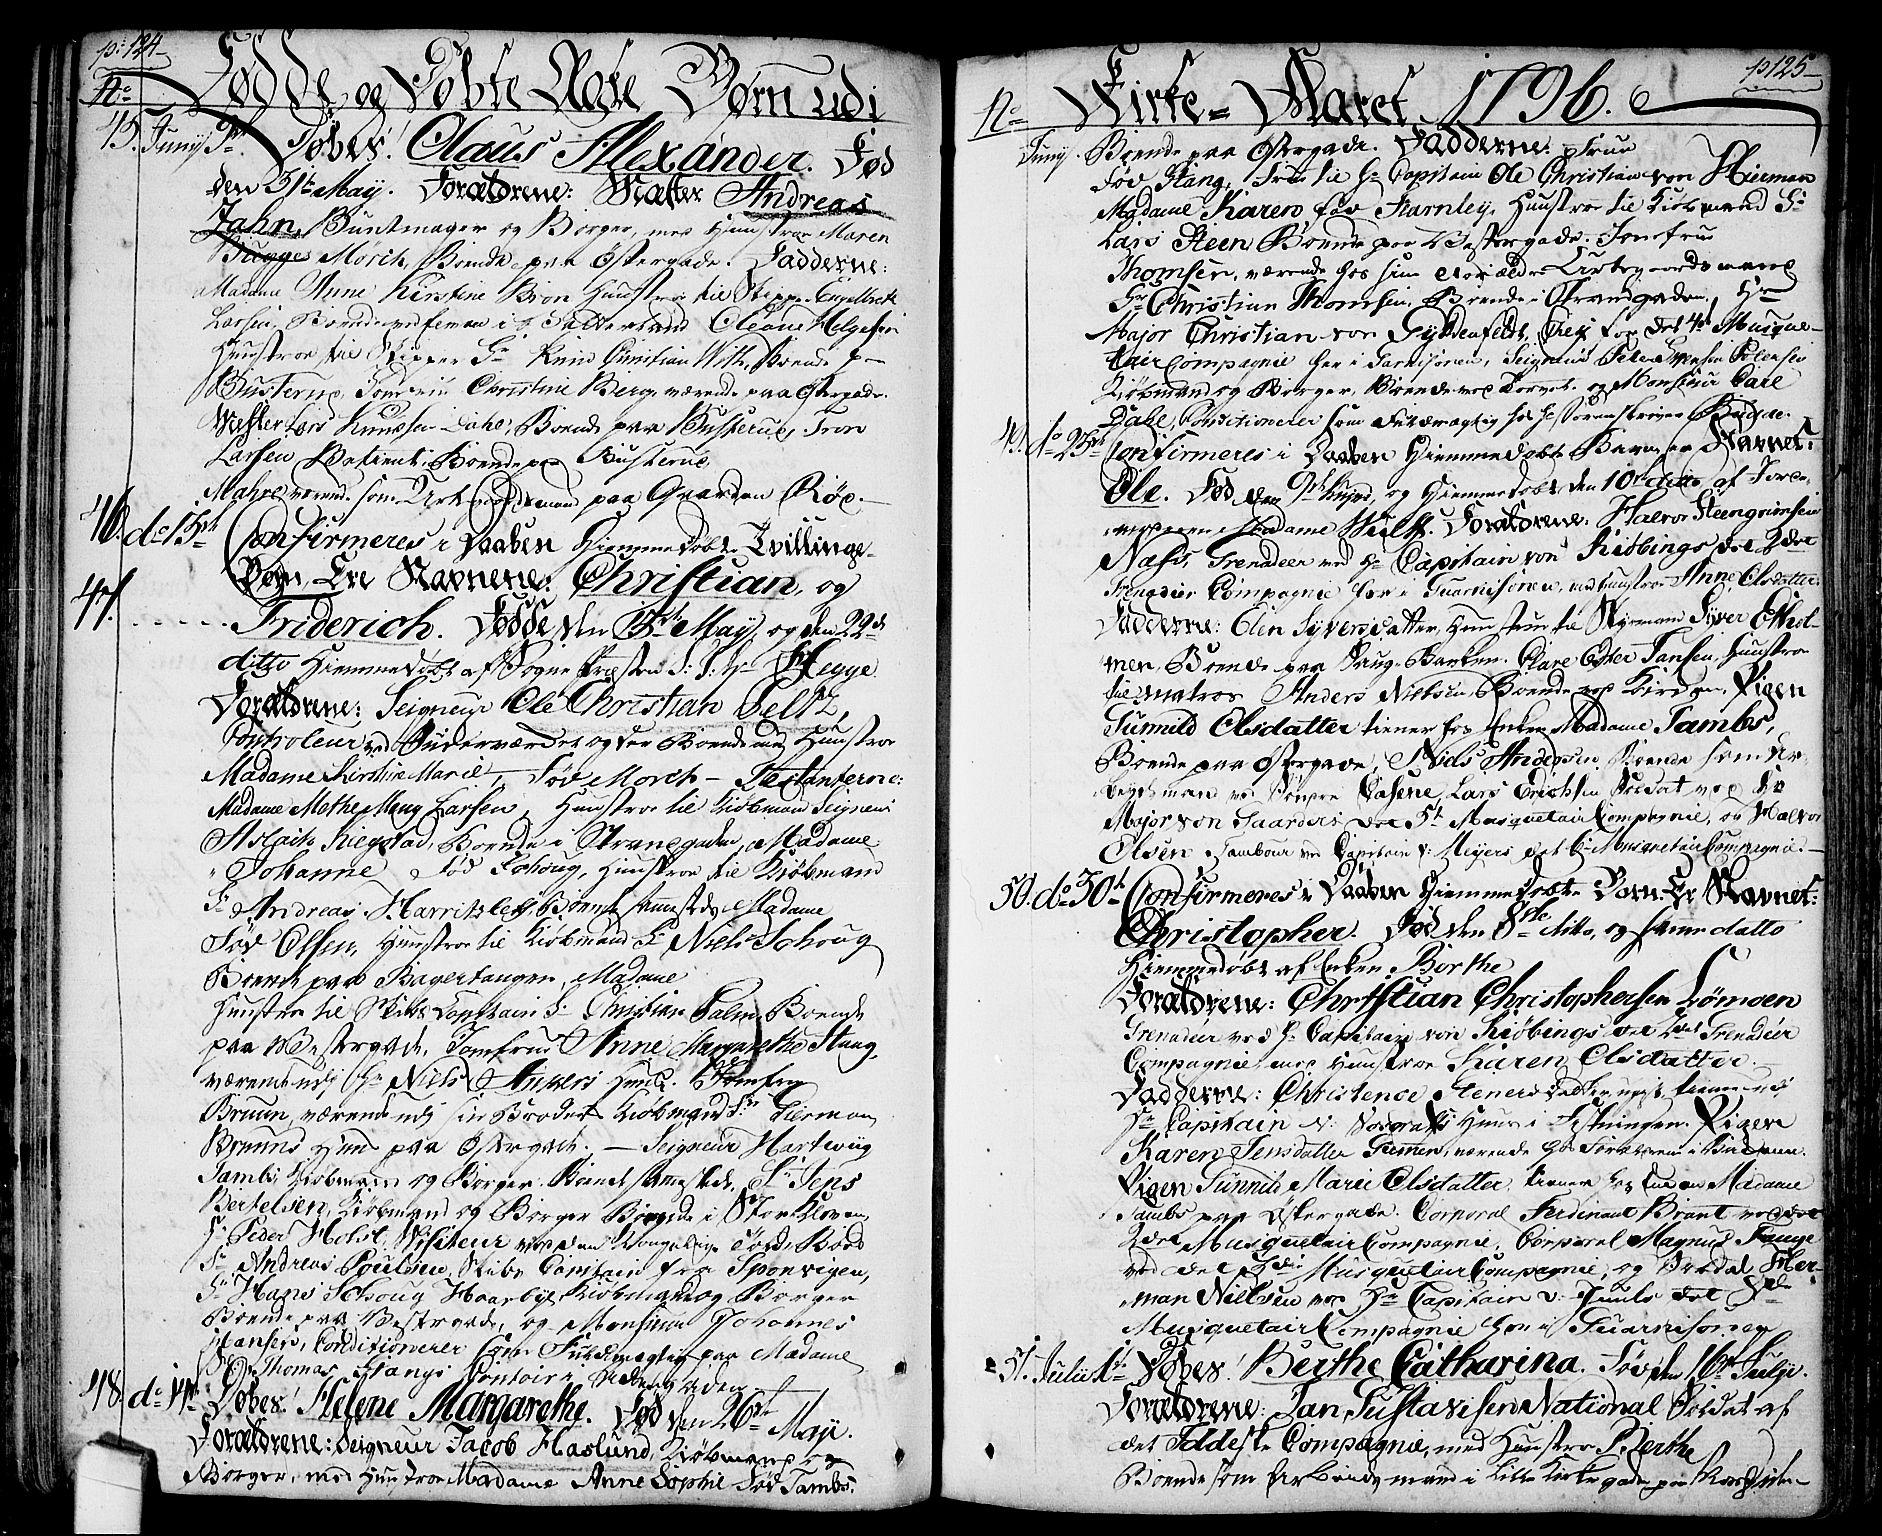 SAO, Halden prestekontor Kirkebøker, F/Fa/L0002: Ministerialbok nr. I 2, 1792-1812, s. 124-125